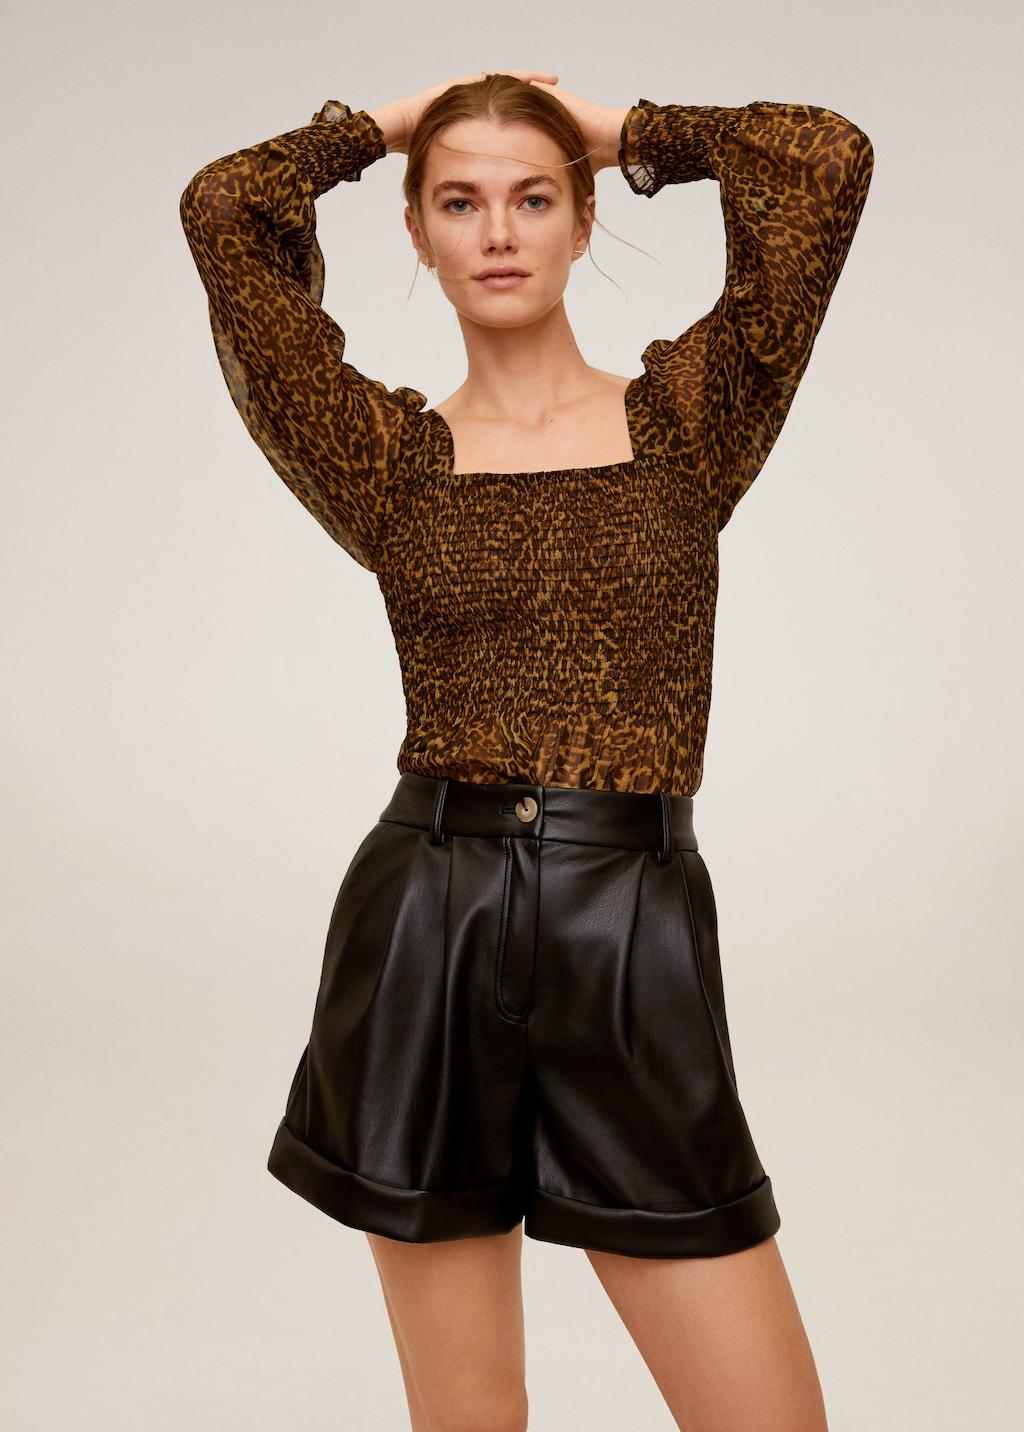 bermuda shorts i pantaloncini da indossare a 20 30 40 50 anni e come abbinarli